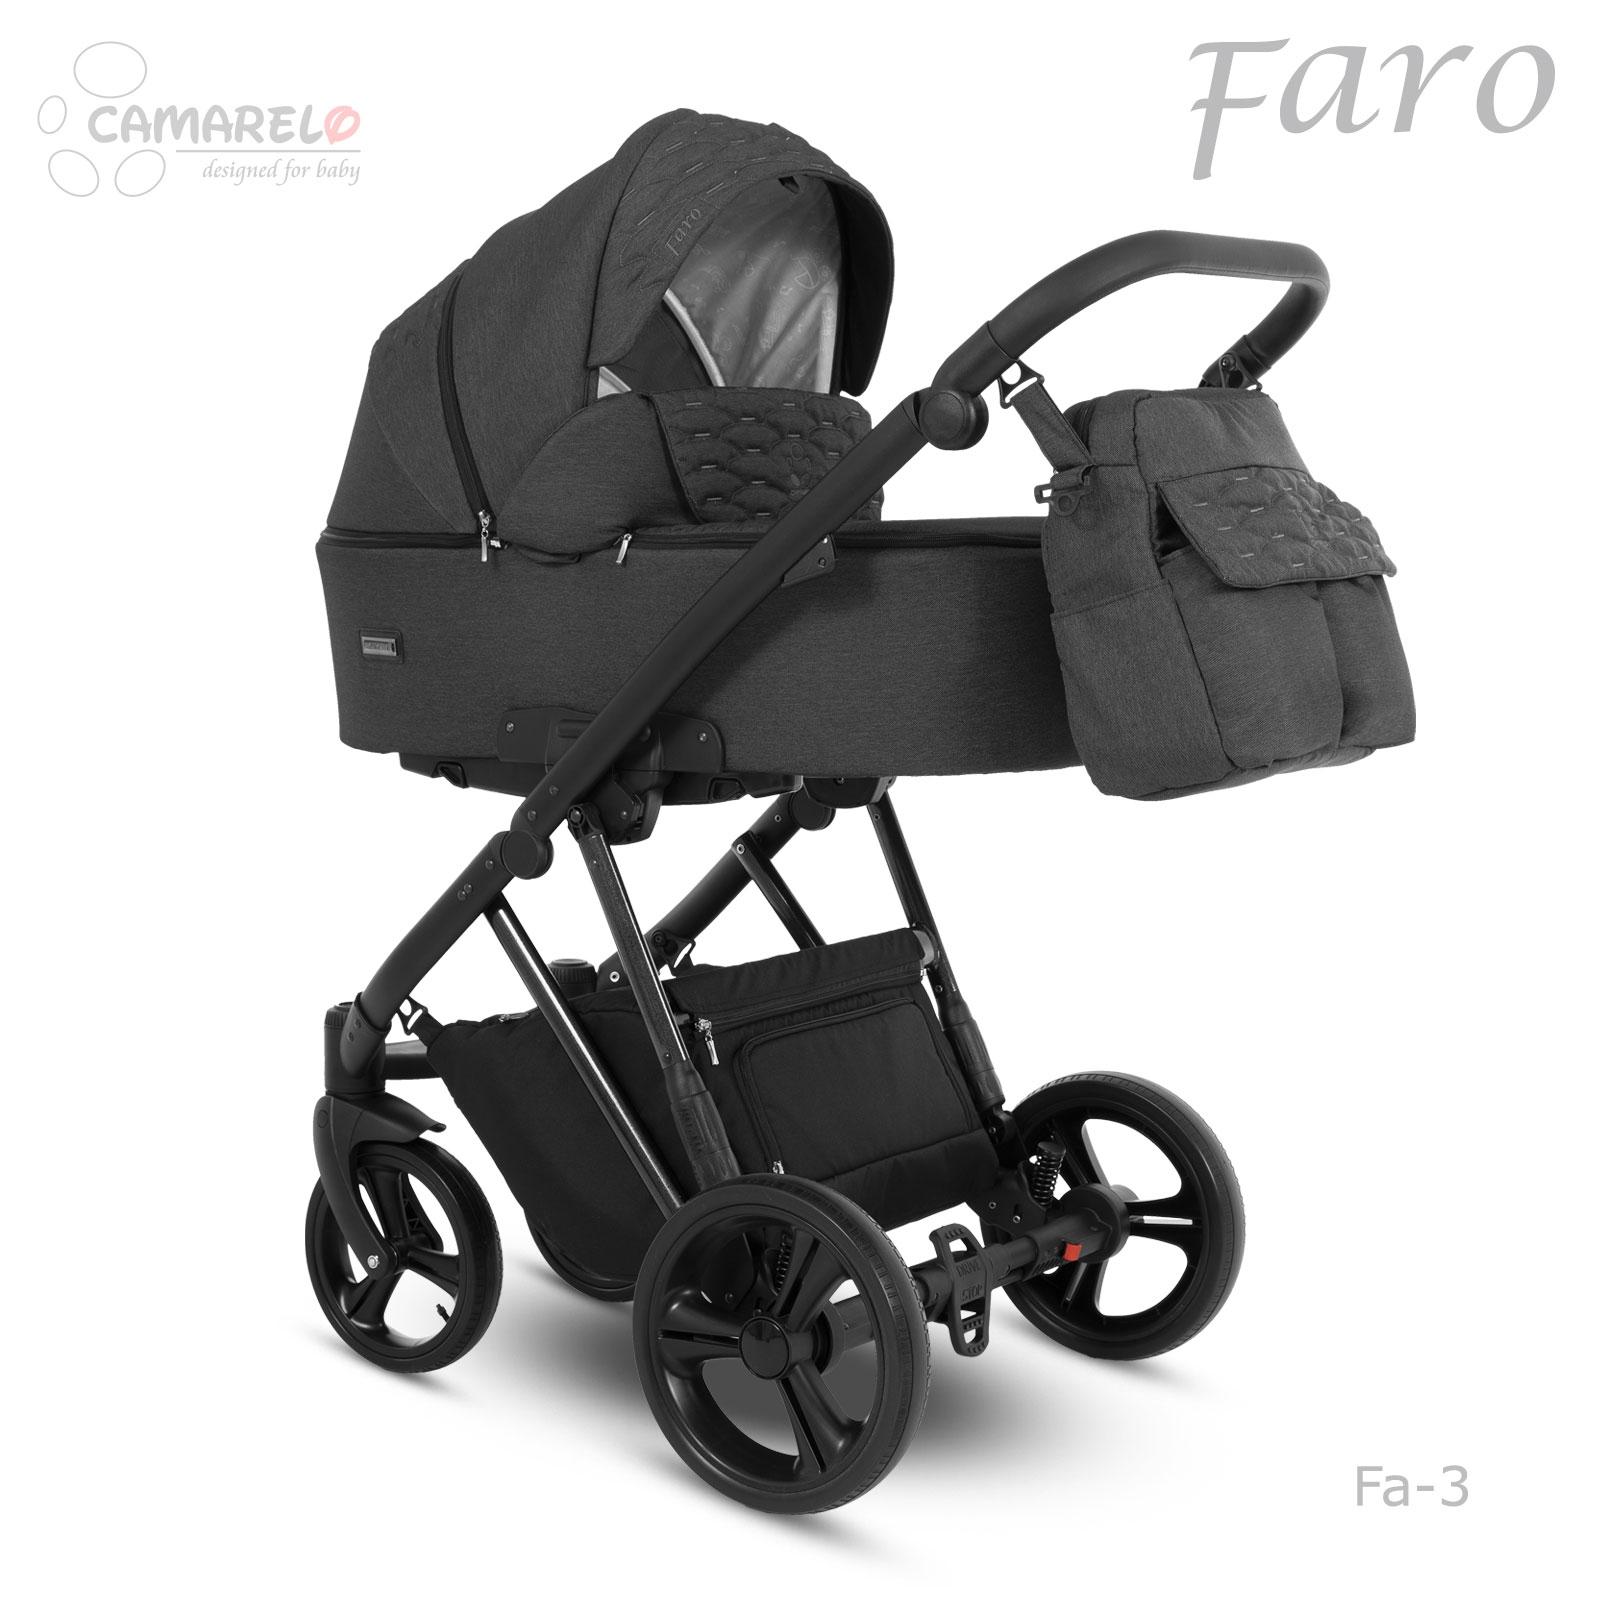 Carucior copii 3 in 1 Faro Camarelo Fa-3 imagine